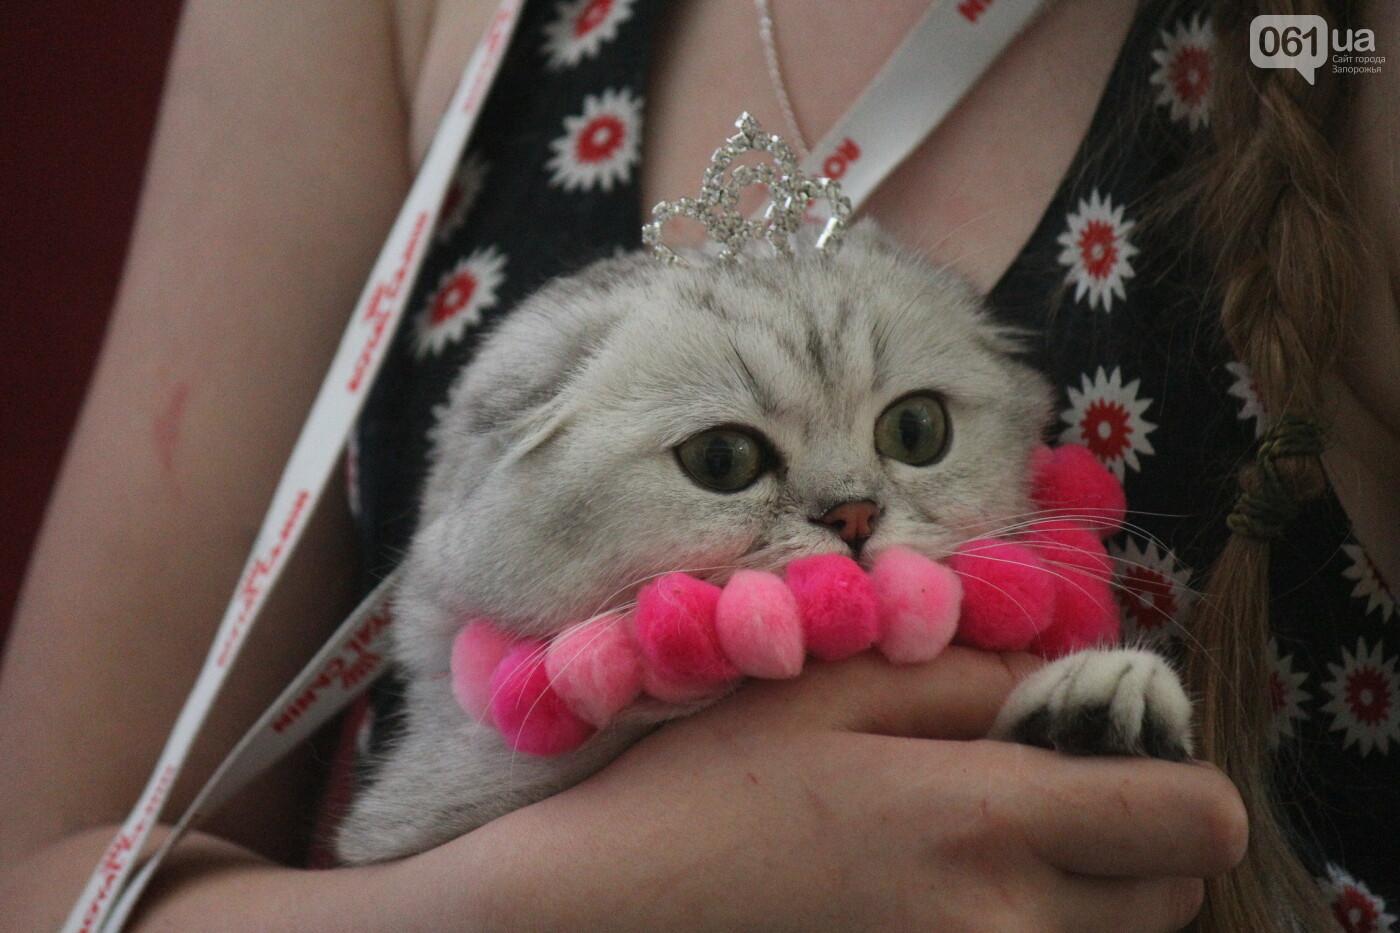 В Запорожье на выставке кошек показали 130 питомцев со всей Украины, – ФОТОРЕПОРТАЖ, фото-33